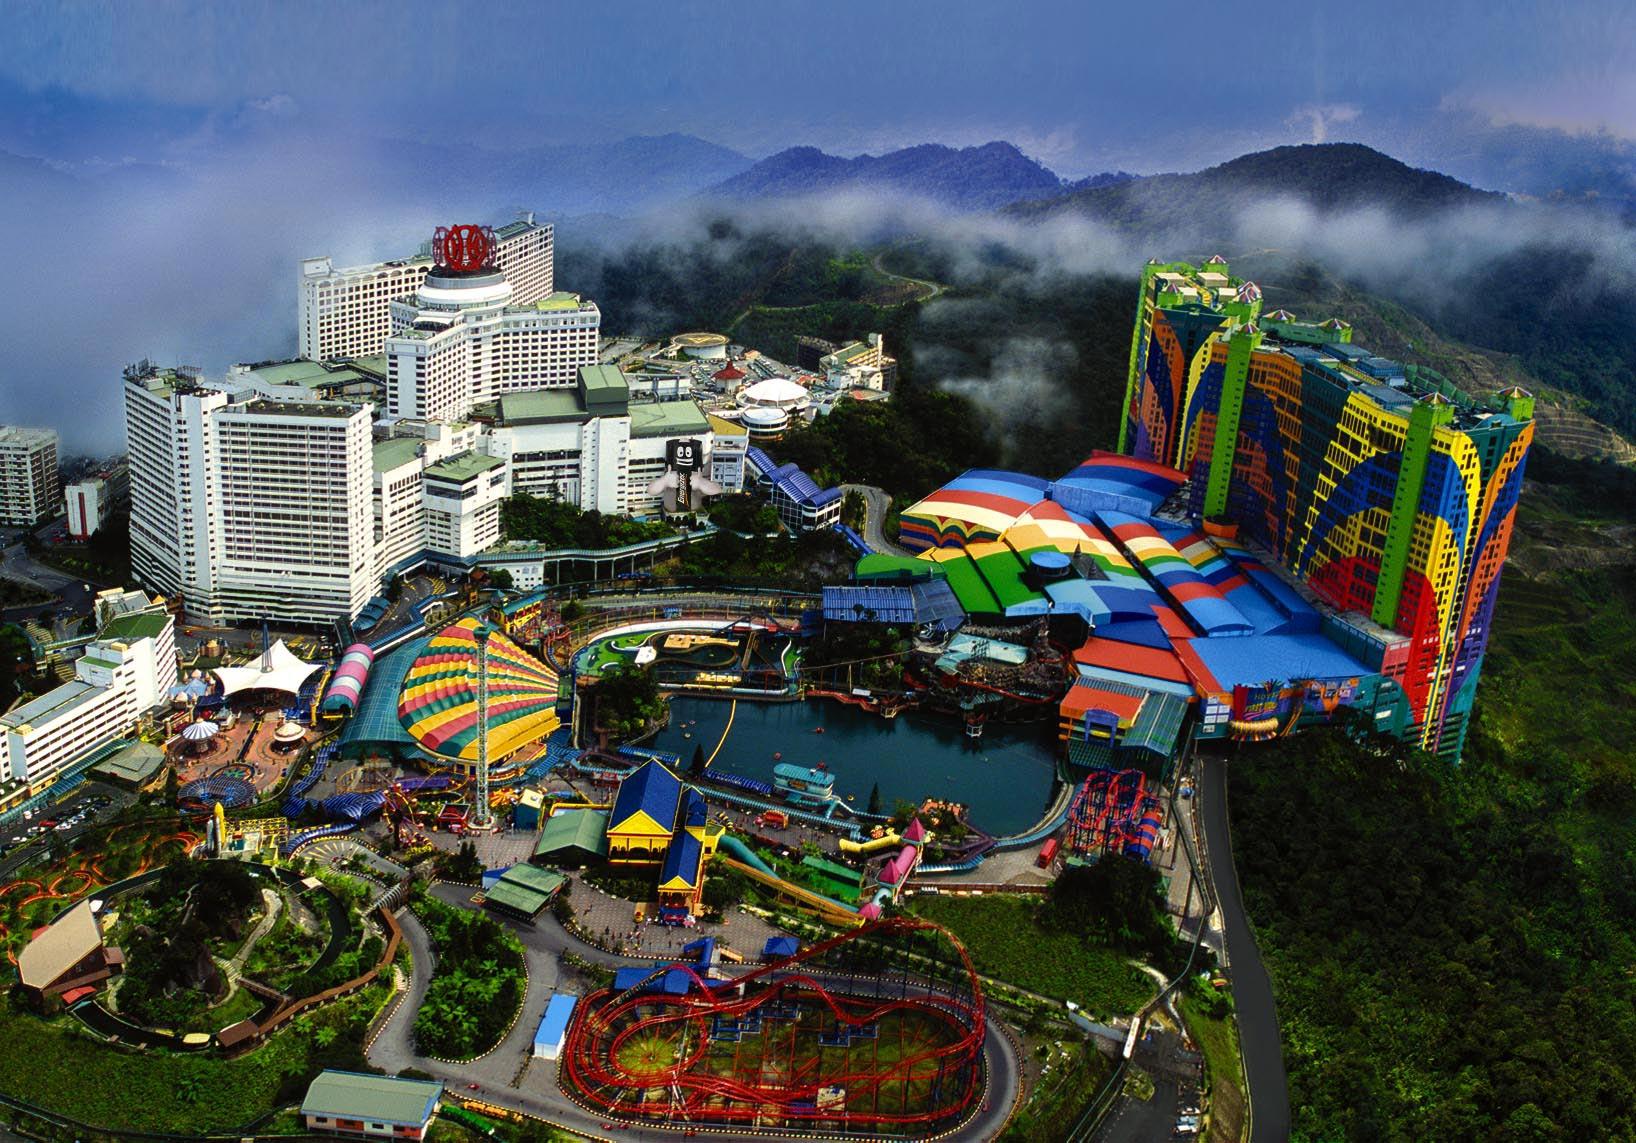 Stațiunea Genting Highlands, Malaezia situată la 2.000 de metri altitudine